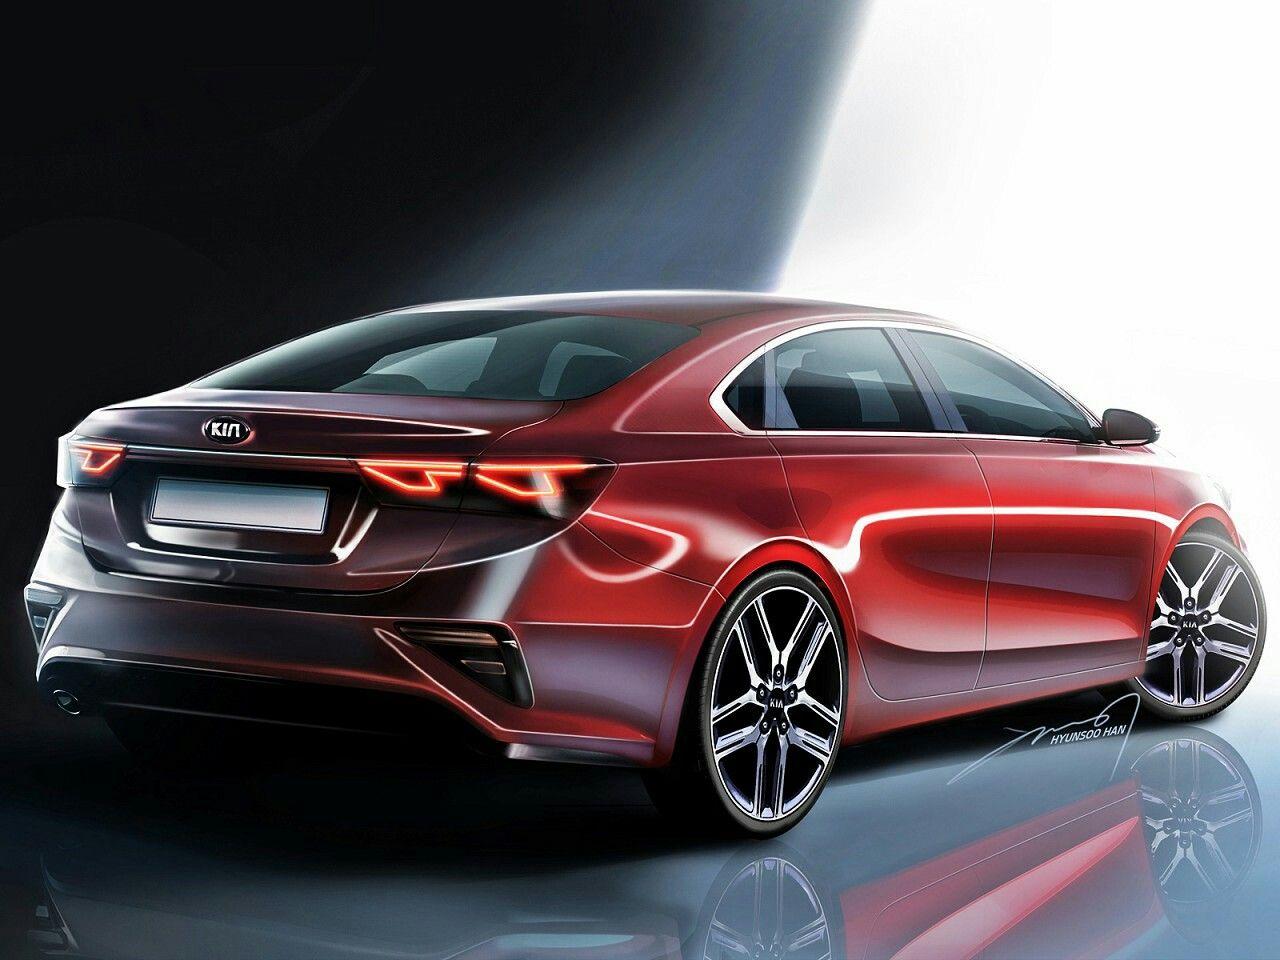 Kia Cerato 2019 concepts design Kia forte, Kia, Kia parts